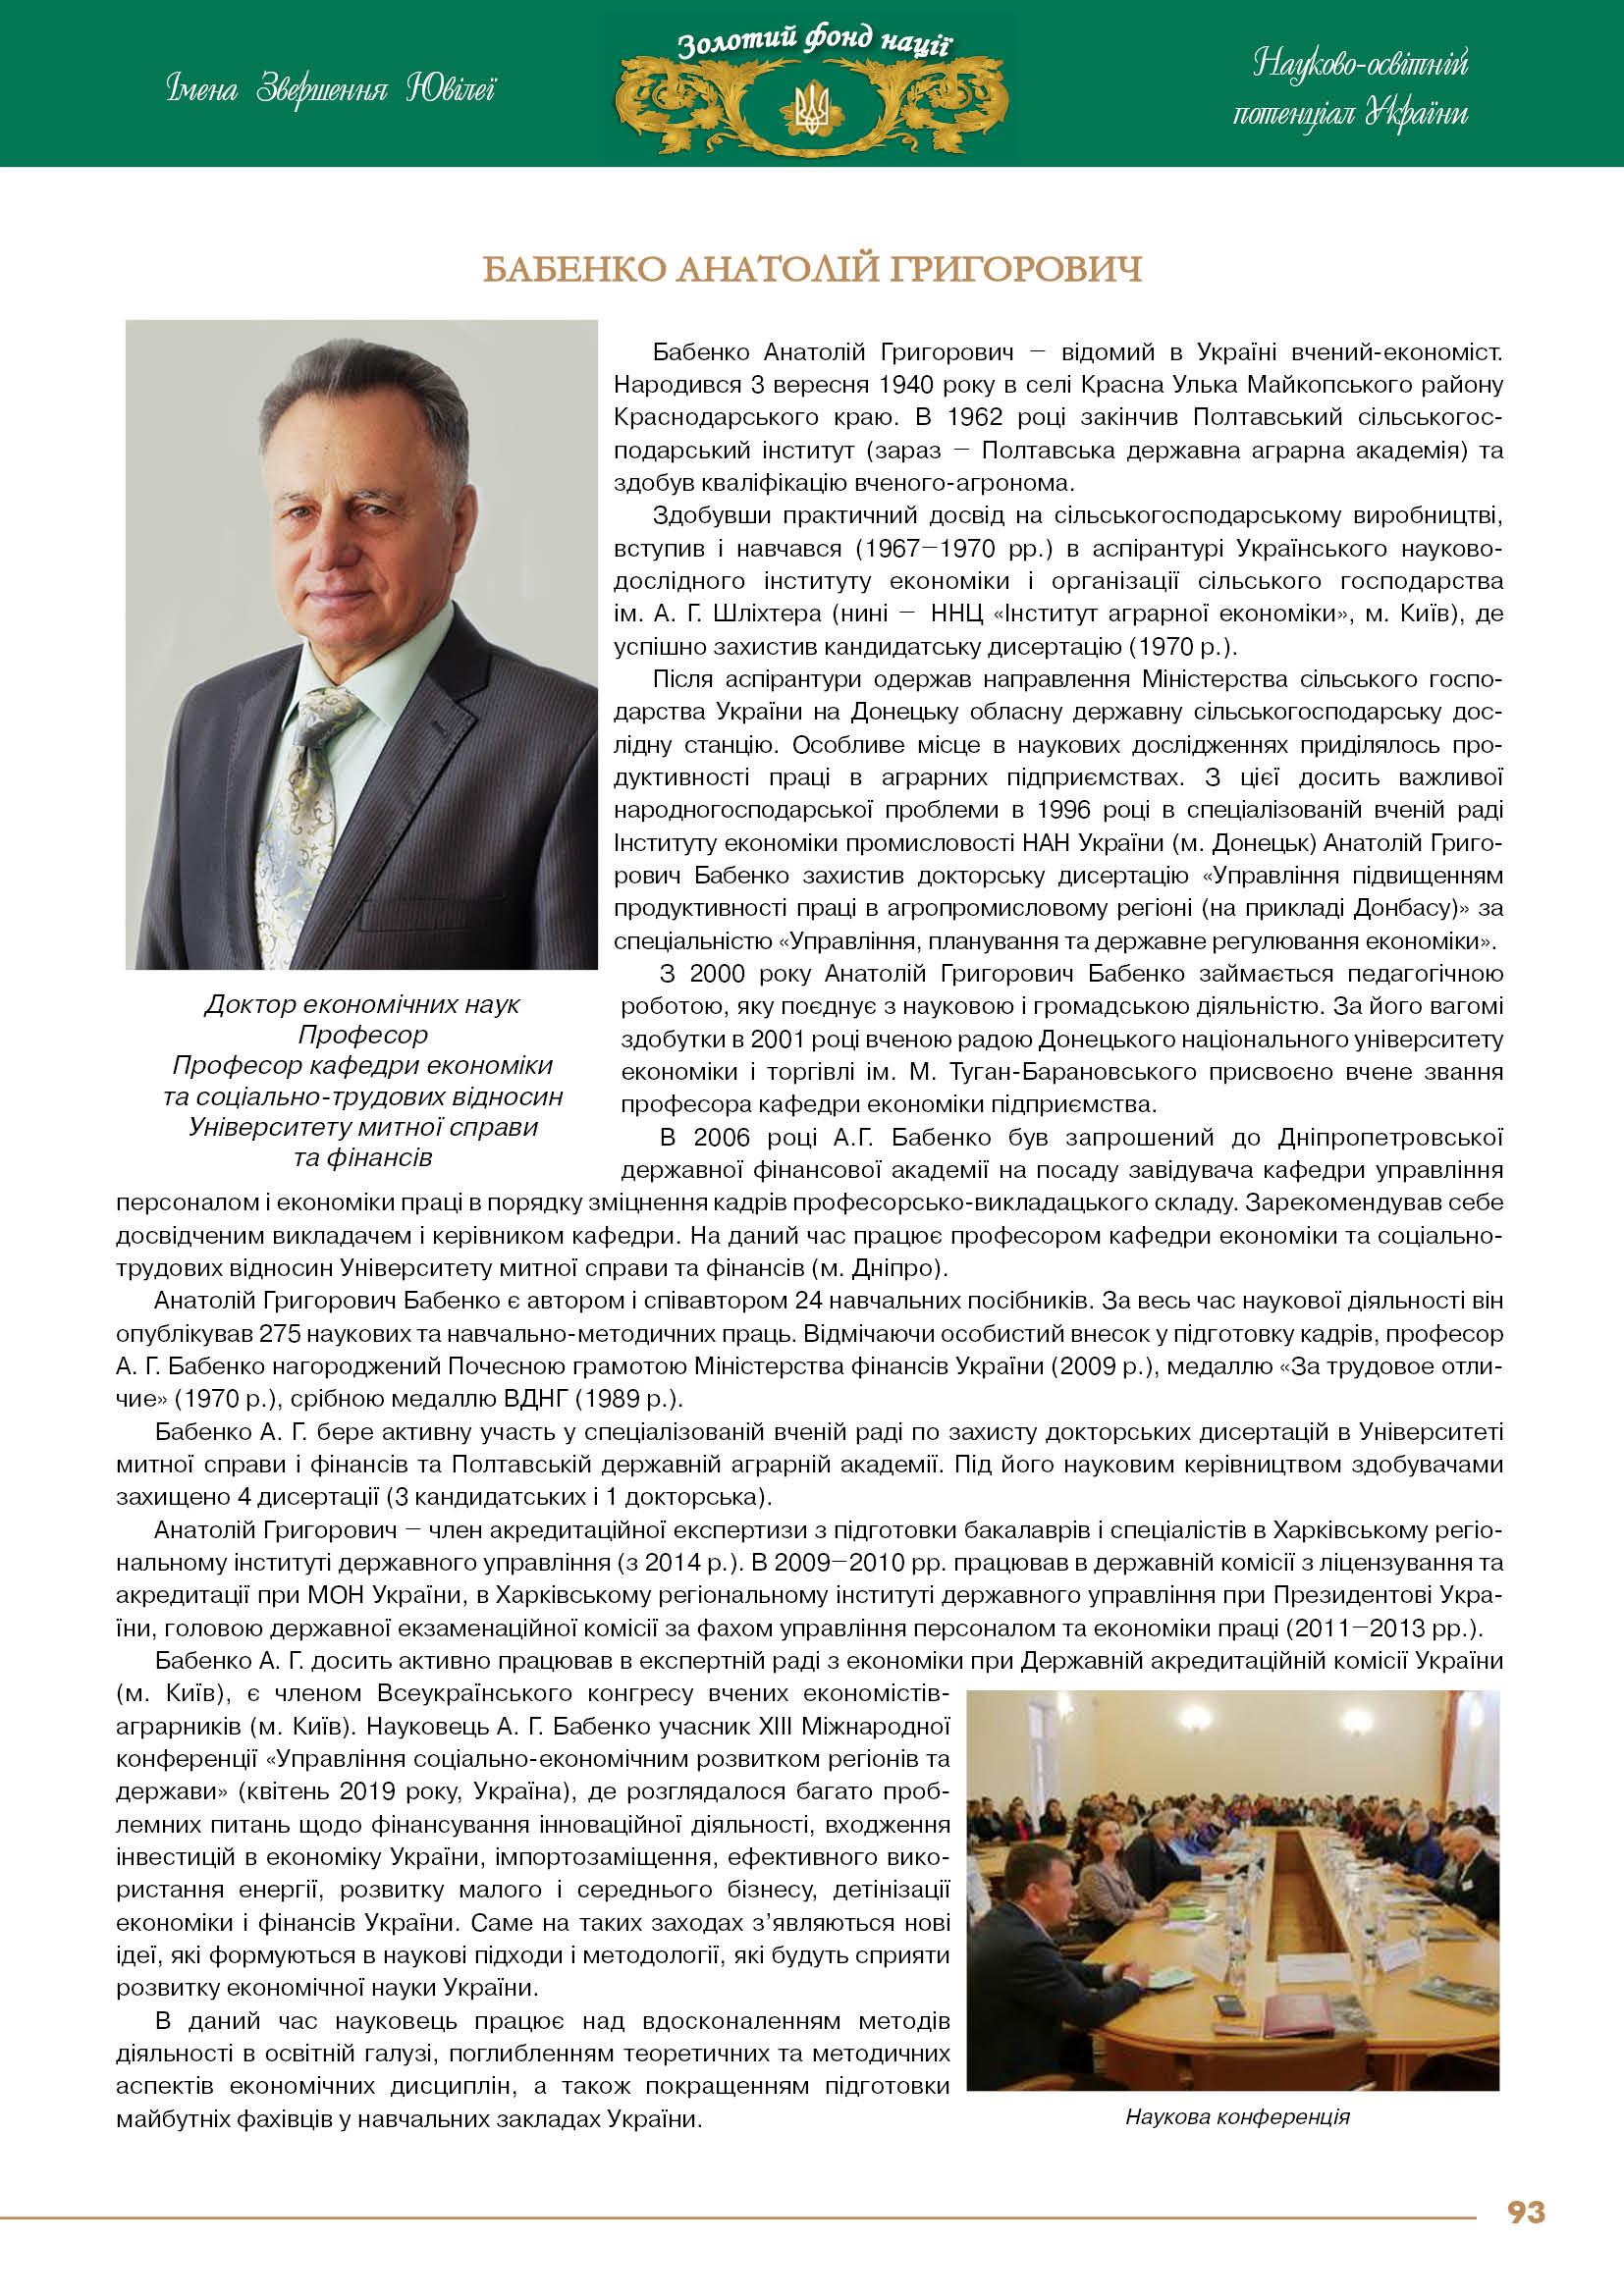 Бабенко Анатолій Григорович